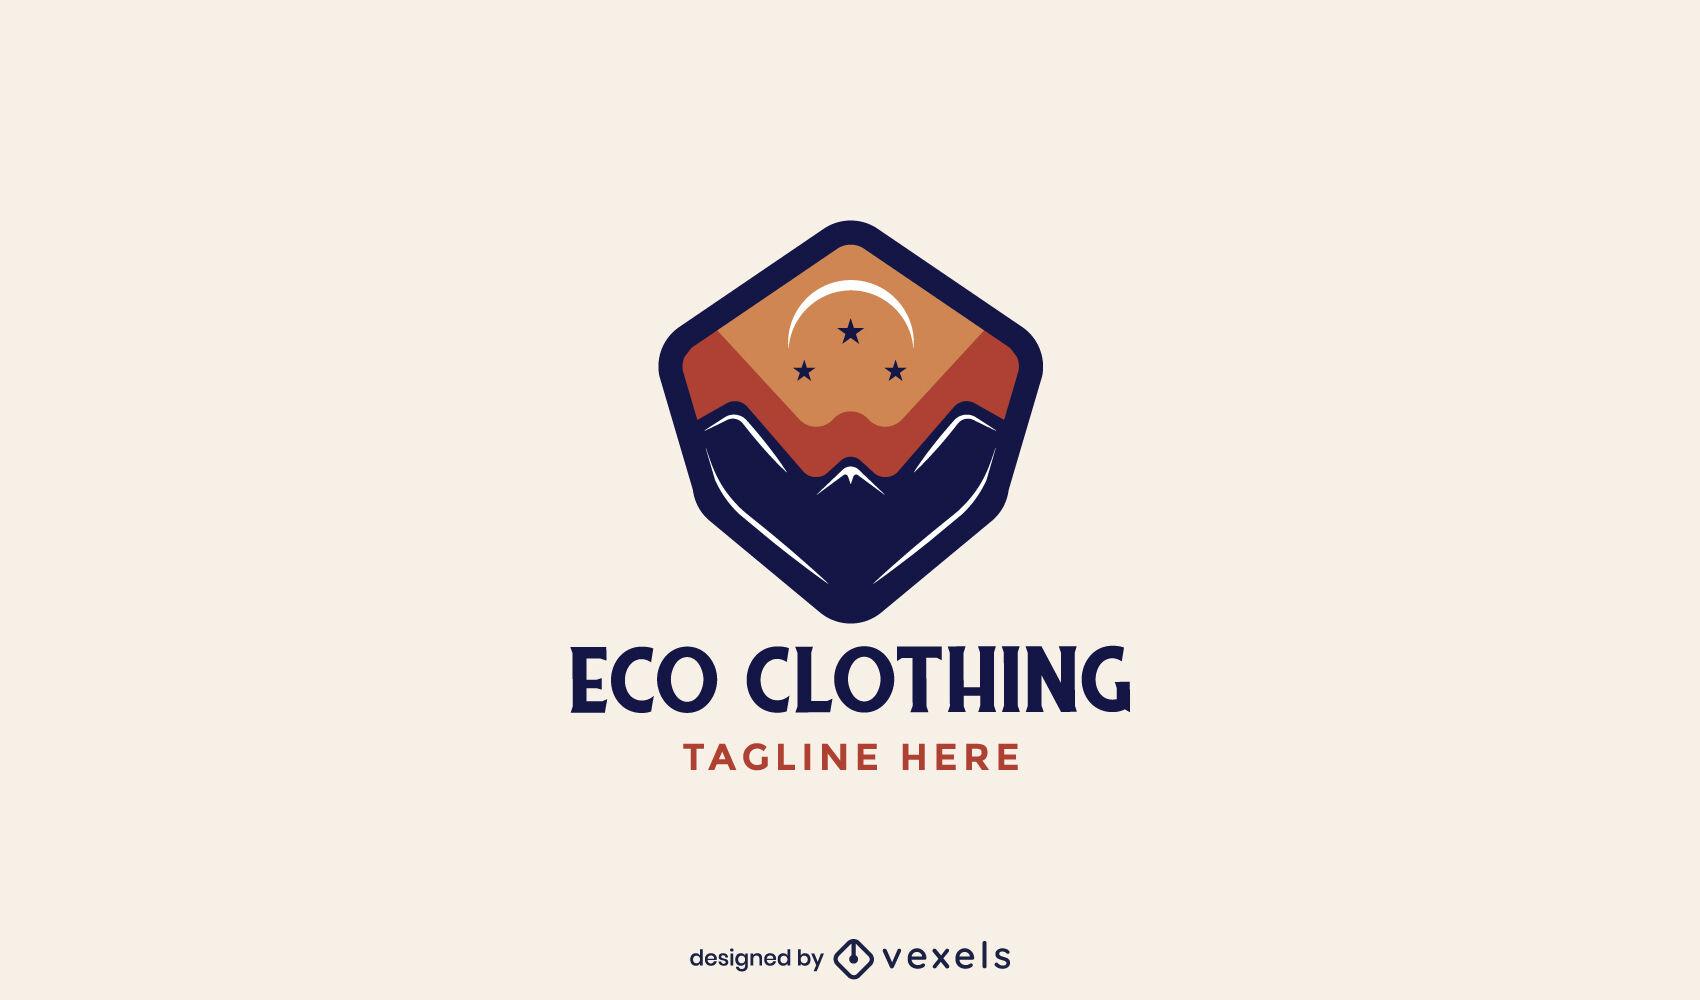 Logotipo de roupas de paisagem montanhosa